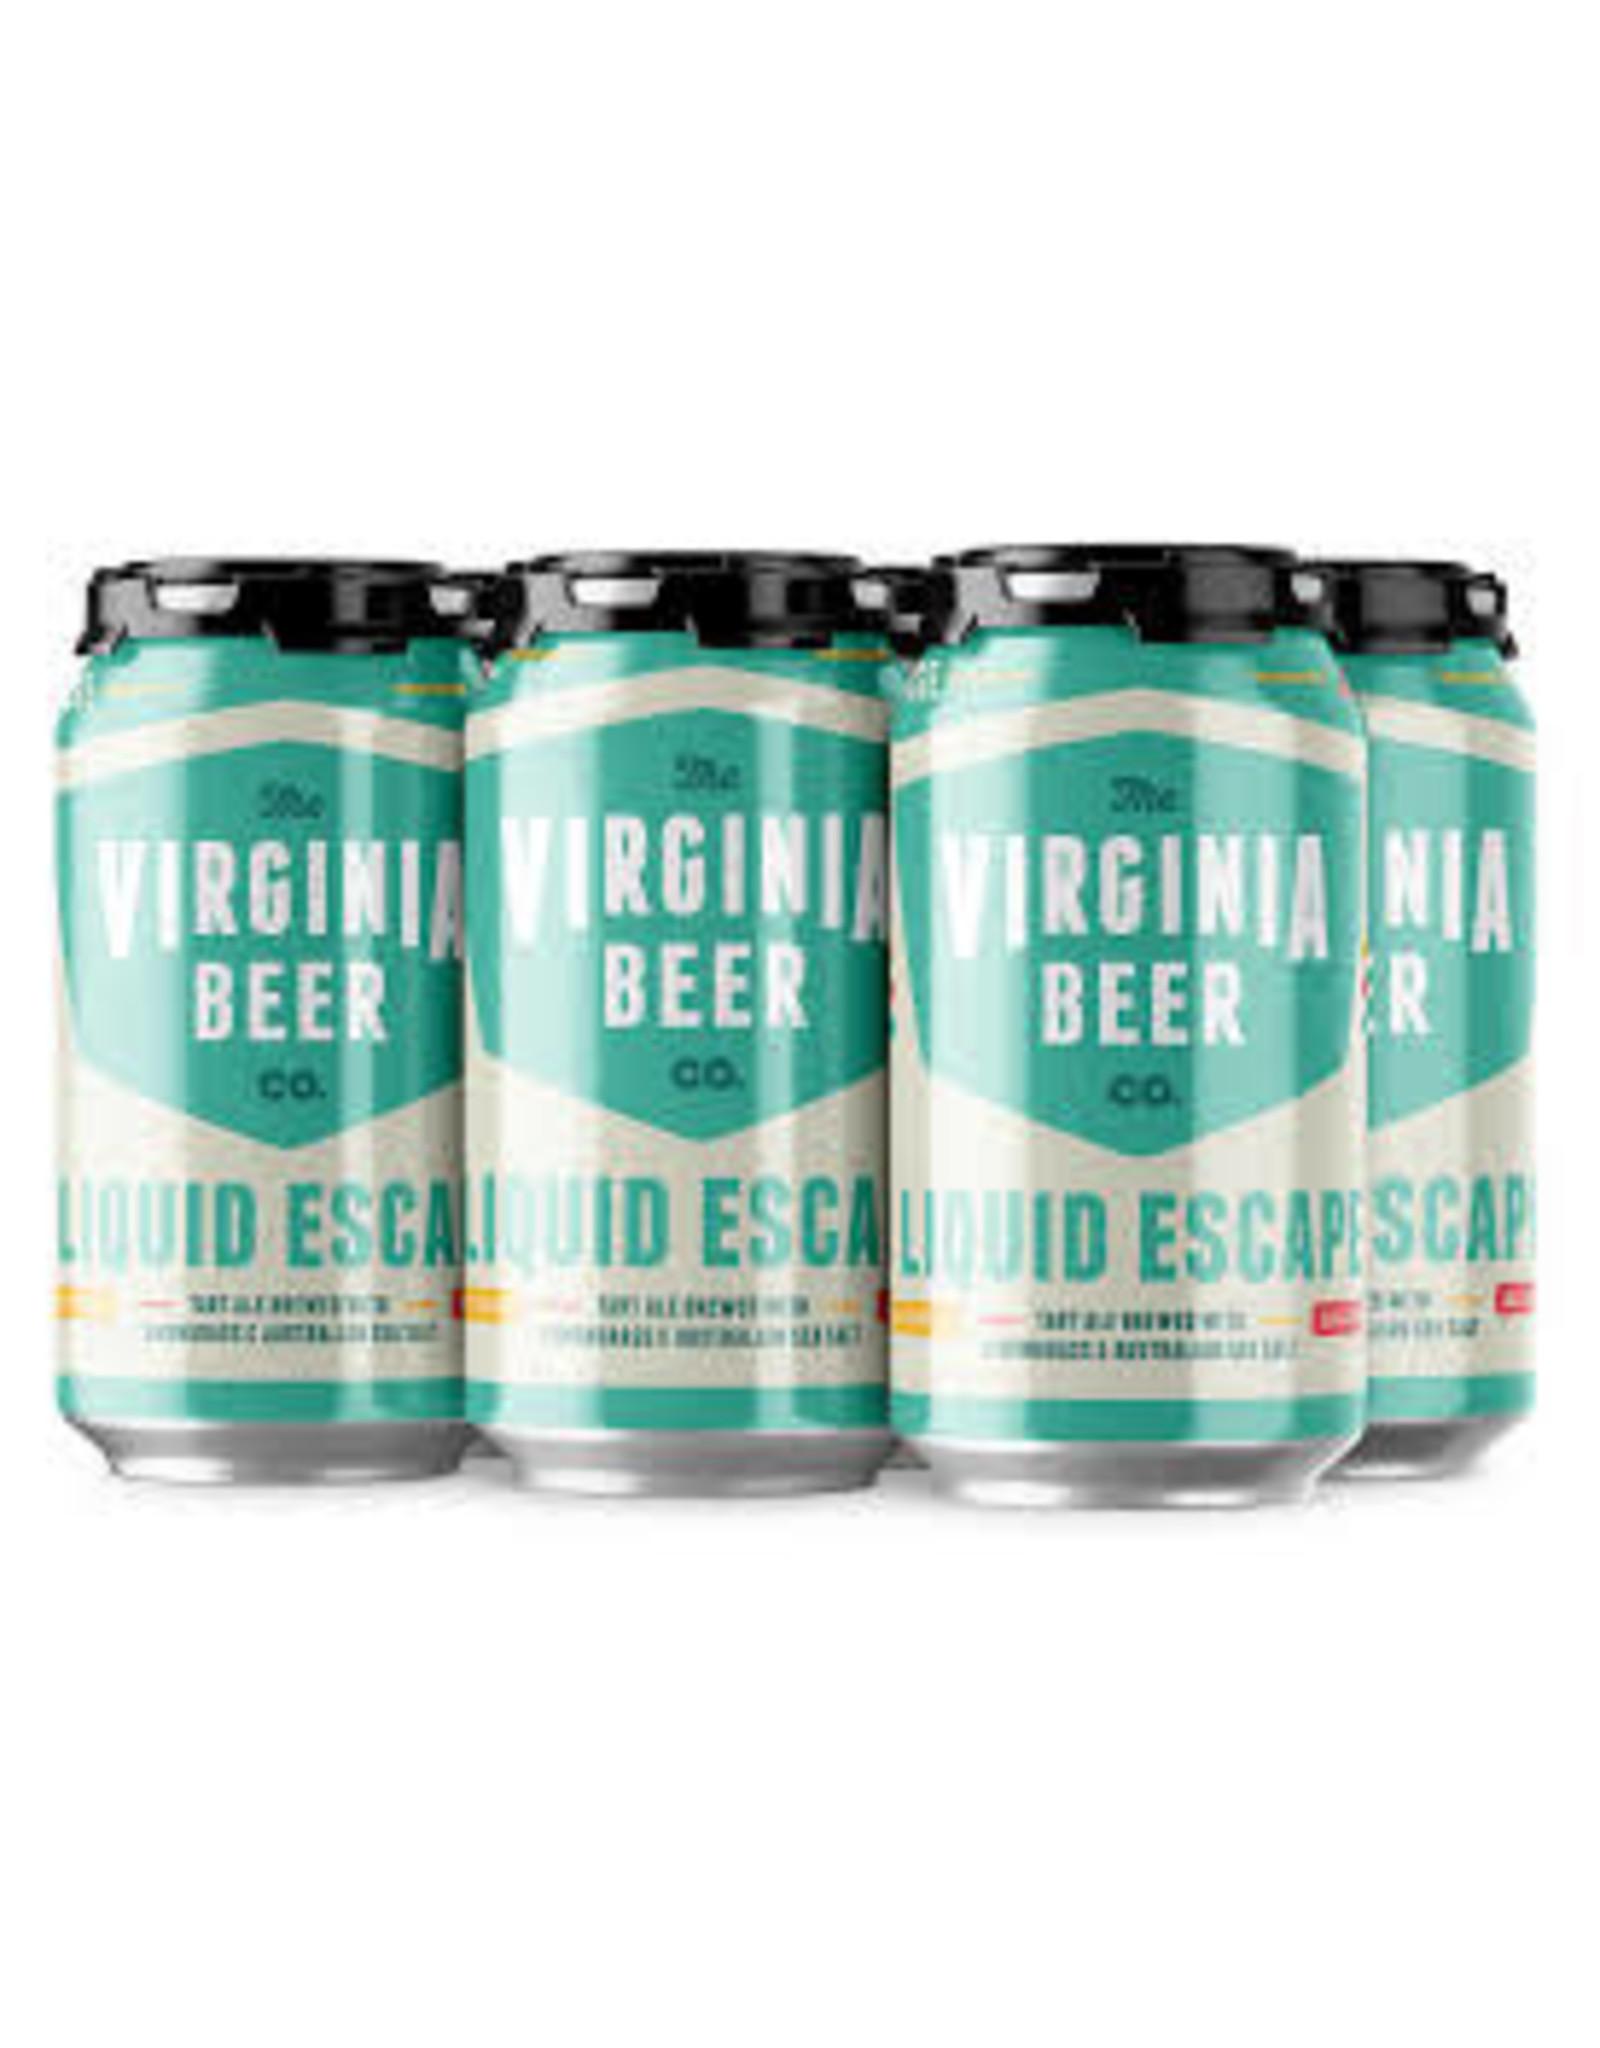 Virginia Beer Company VBC Liquid Escape 6pk can